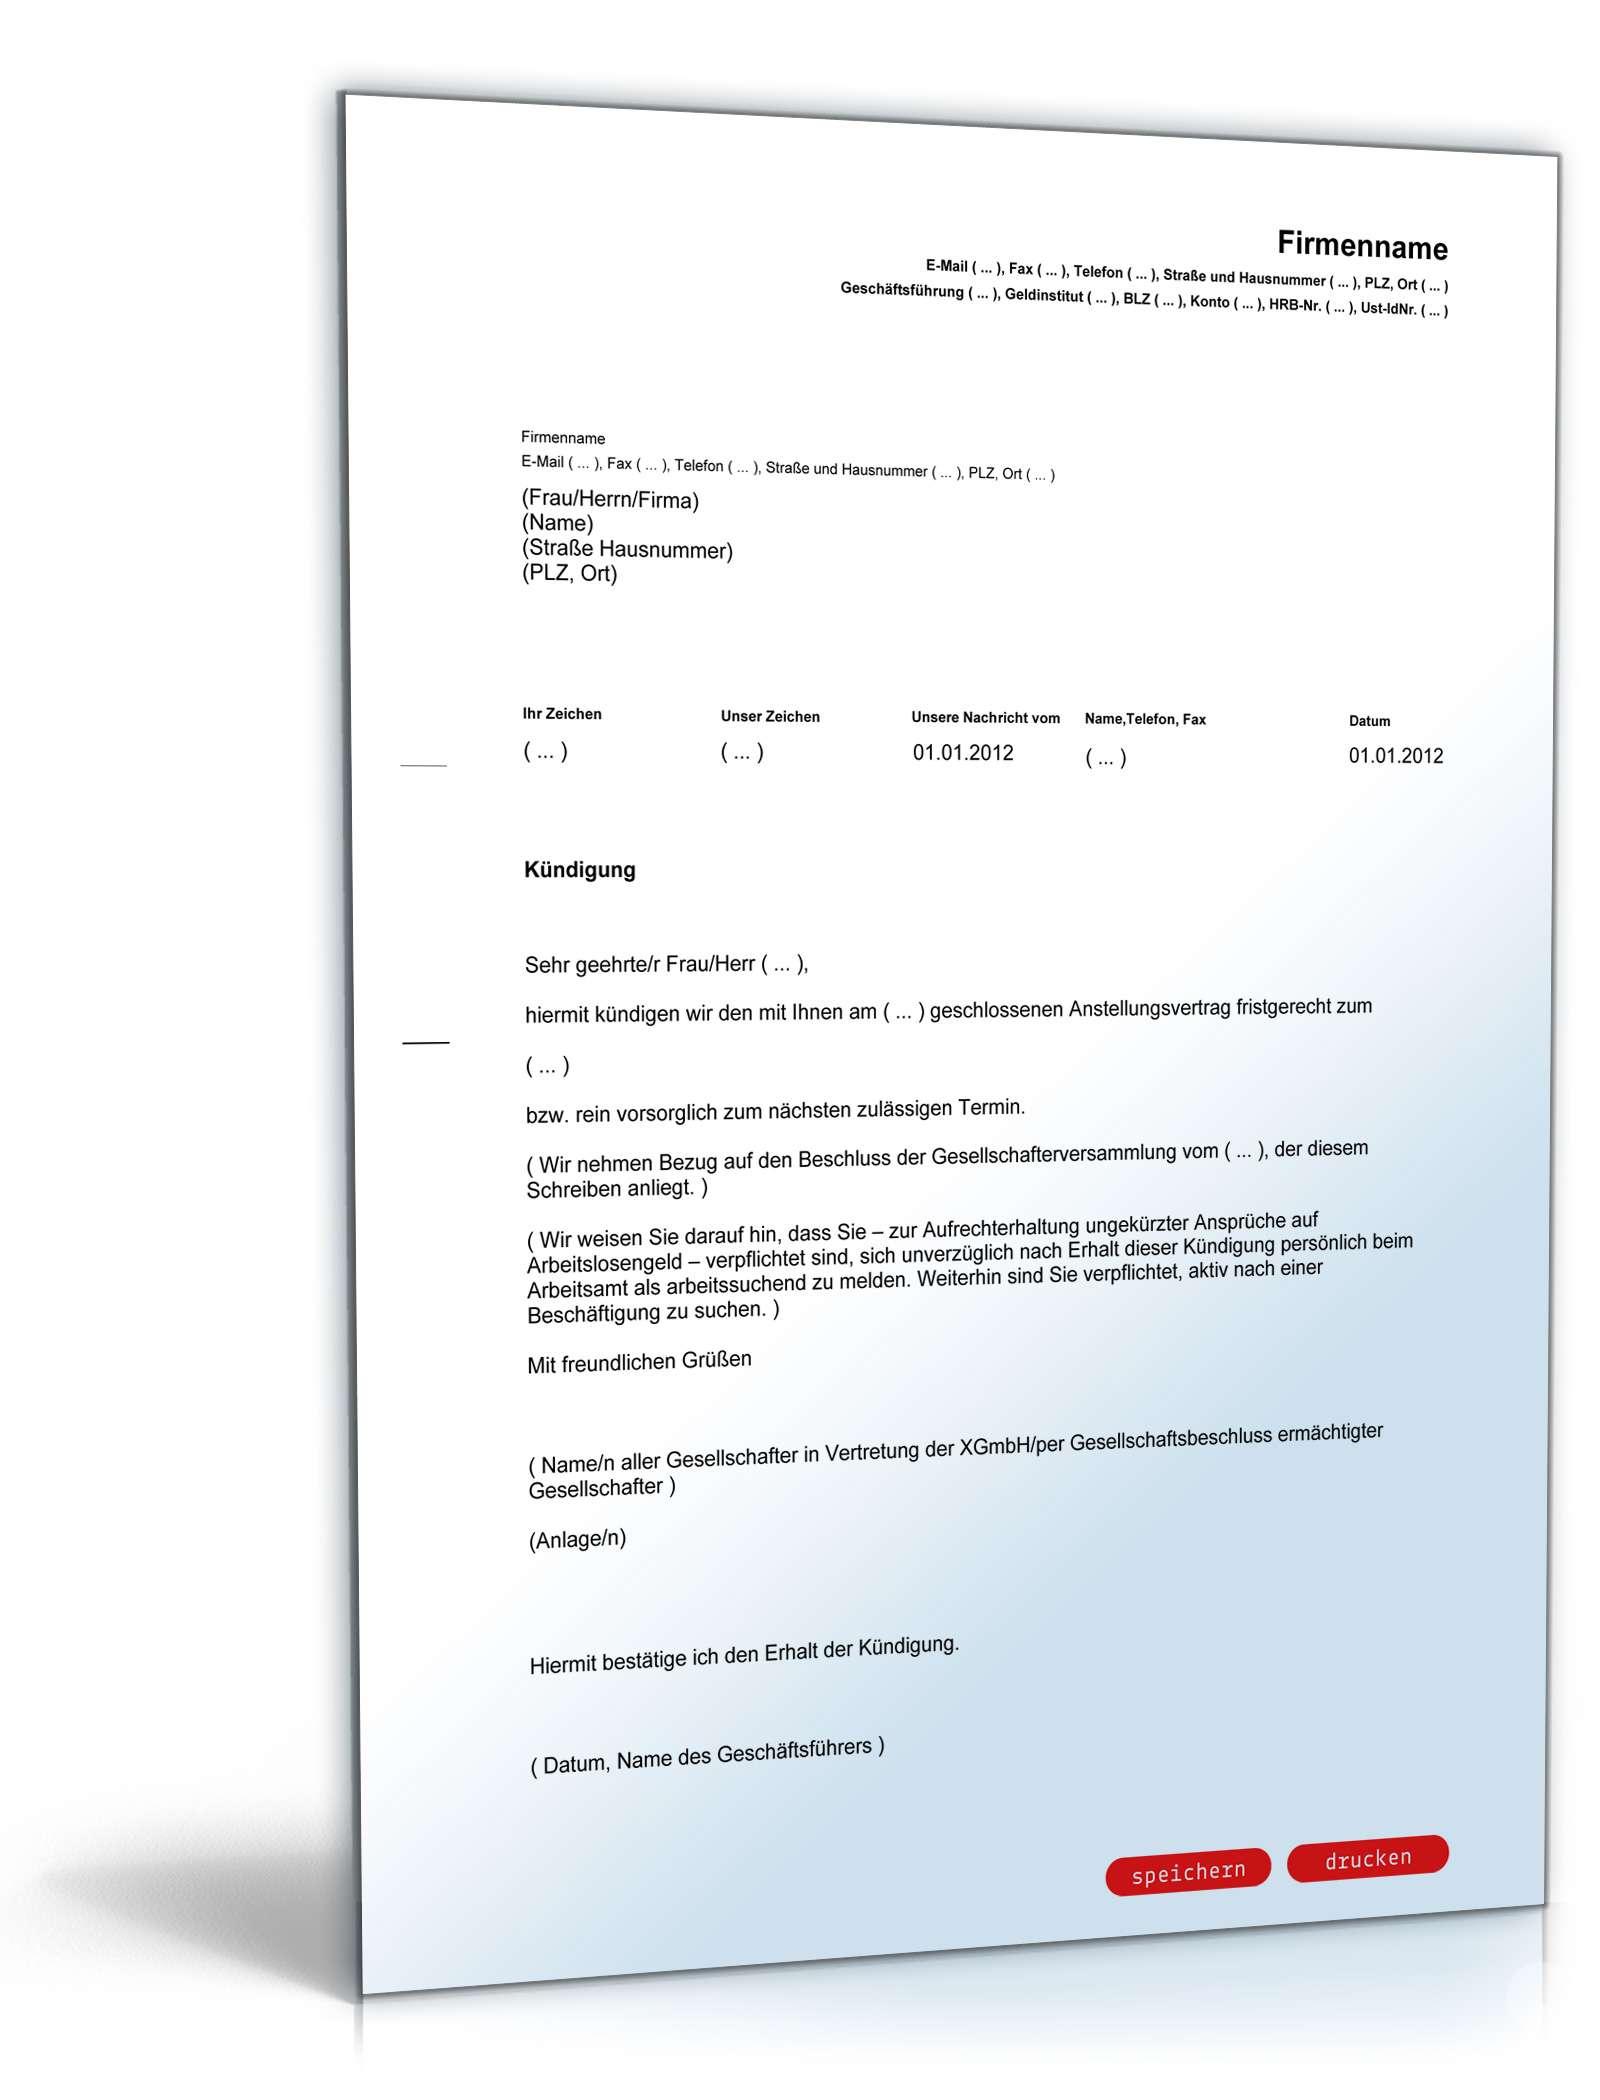 fristgeme kndigung geschftsfhrer rechtssicheres muster - Geschaftsfuhrervertrag Muster